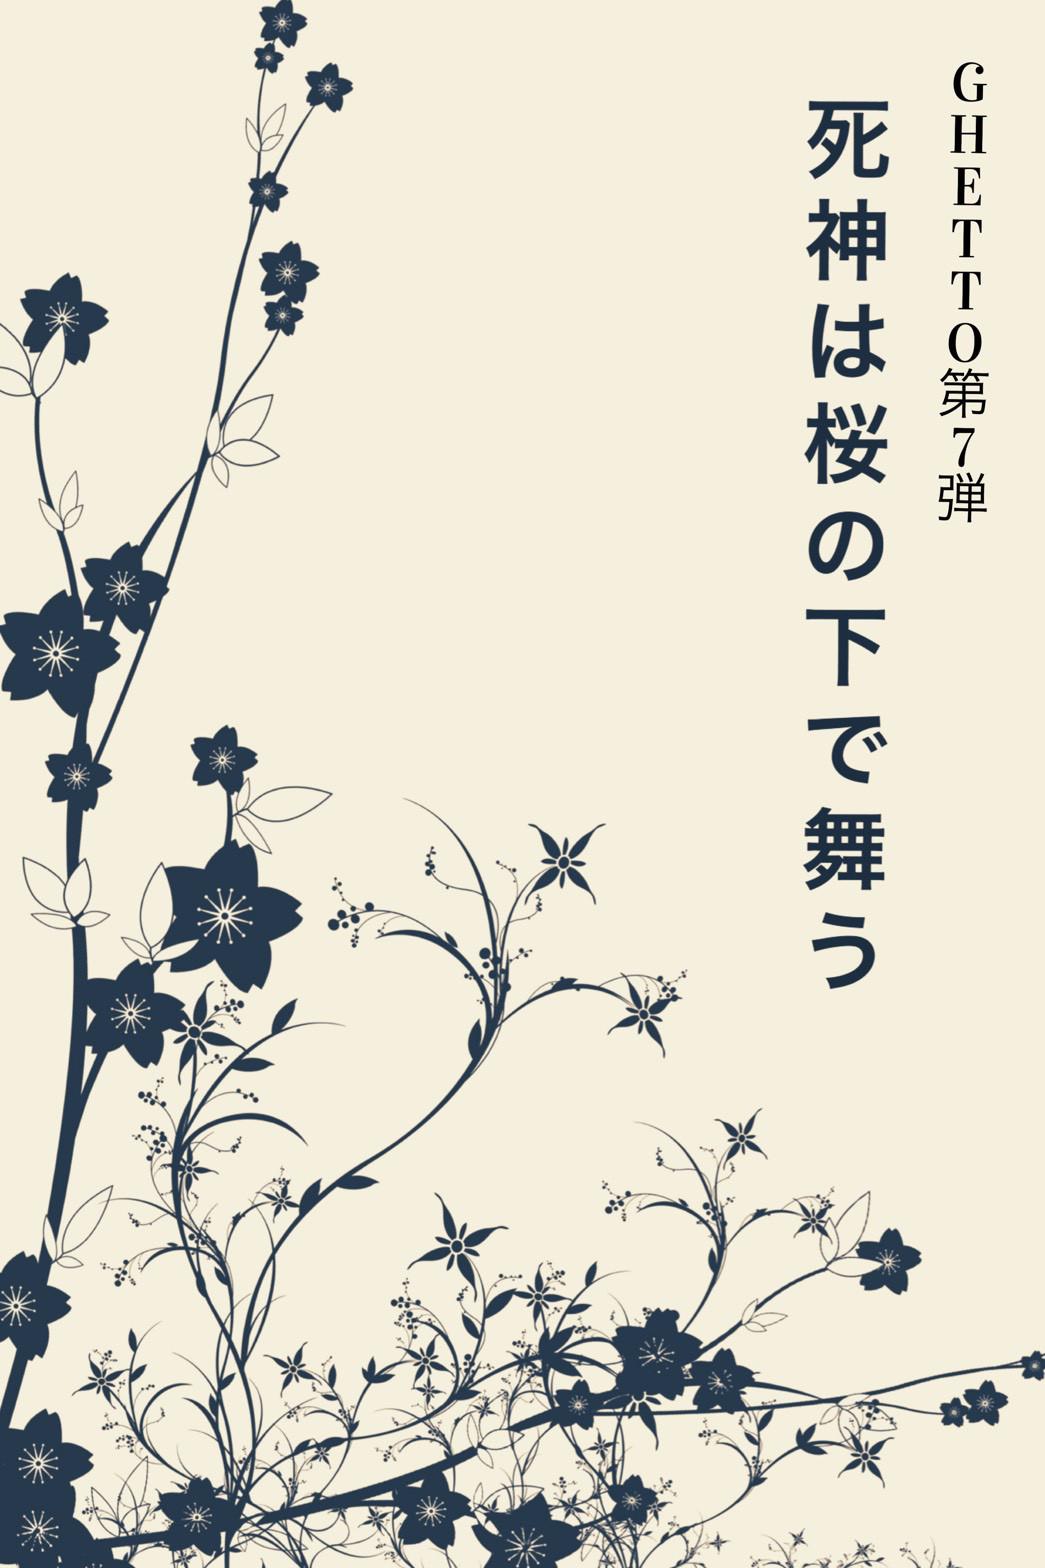 GHETTOプロデュース第7弾  『 死神は桜の下で舞う 』